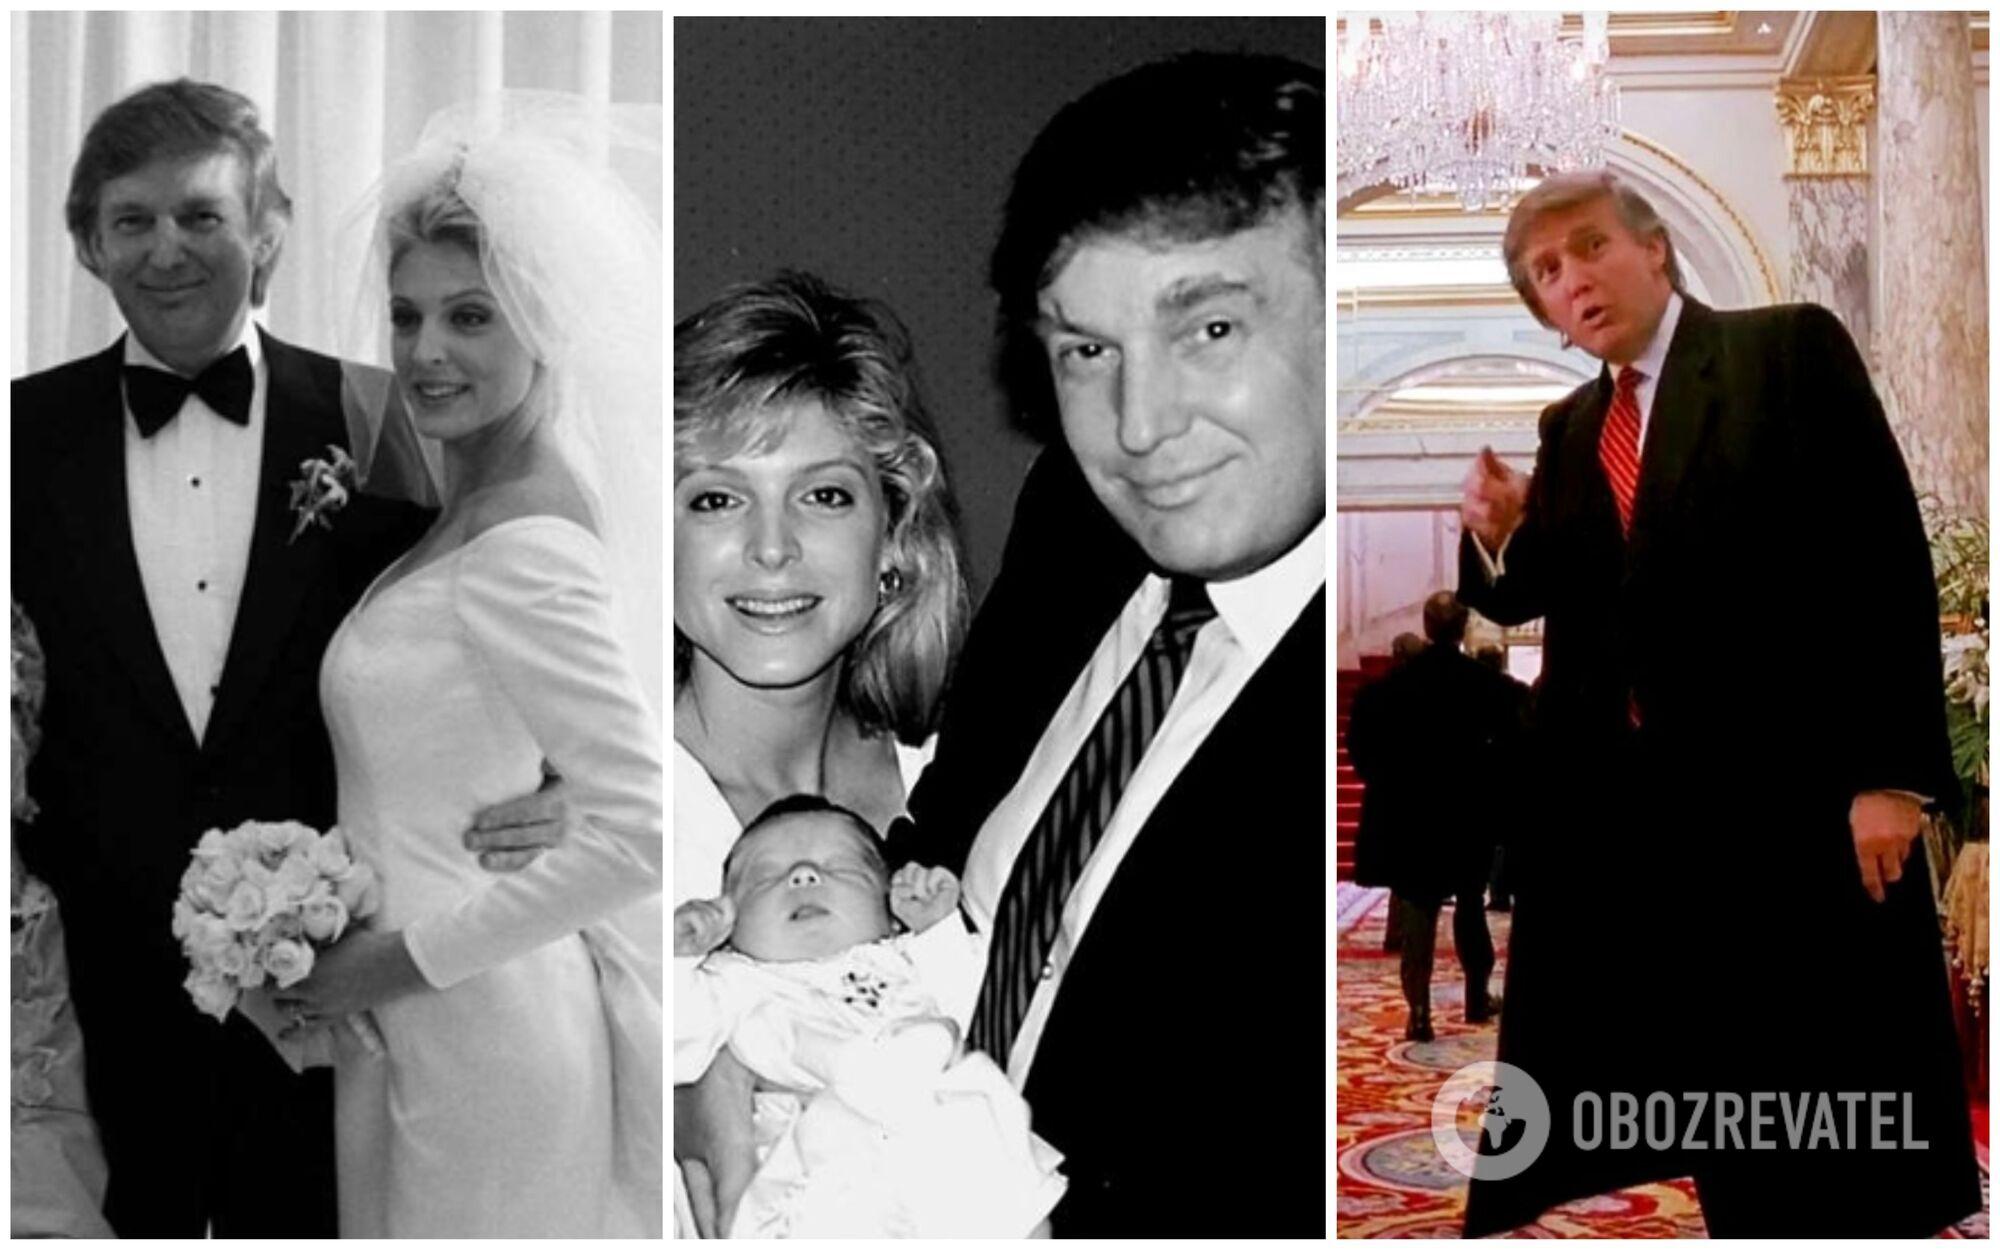 90-і для Трампа виявилися складним періодом: розрив із першою дружиною Іваною, одруження з Марлою і банкрутство відразу чотирьох компаній